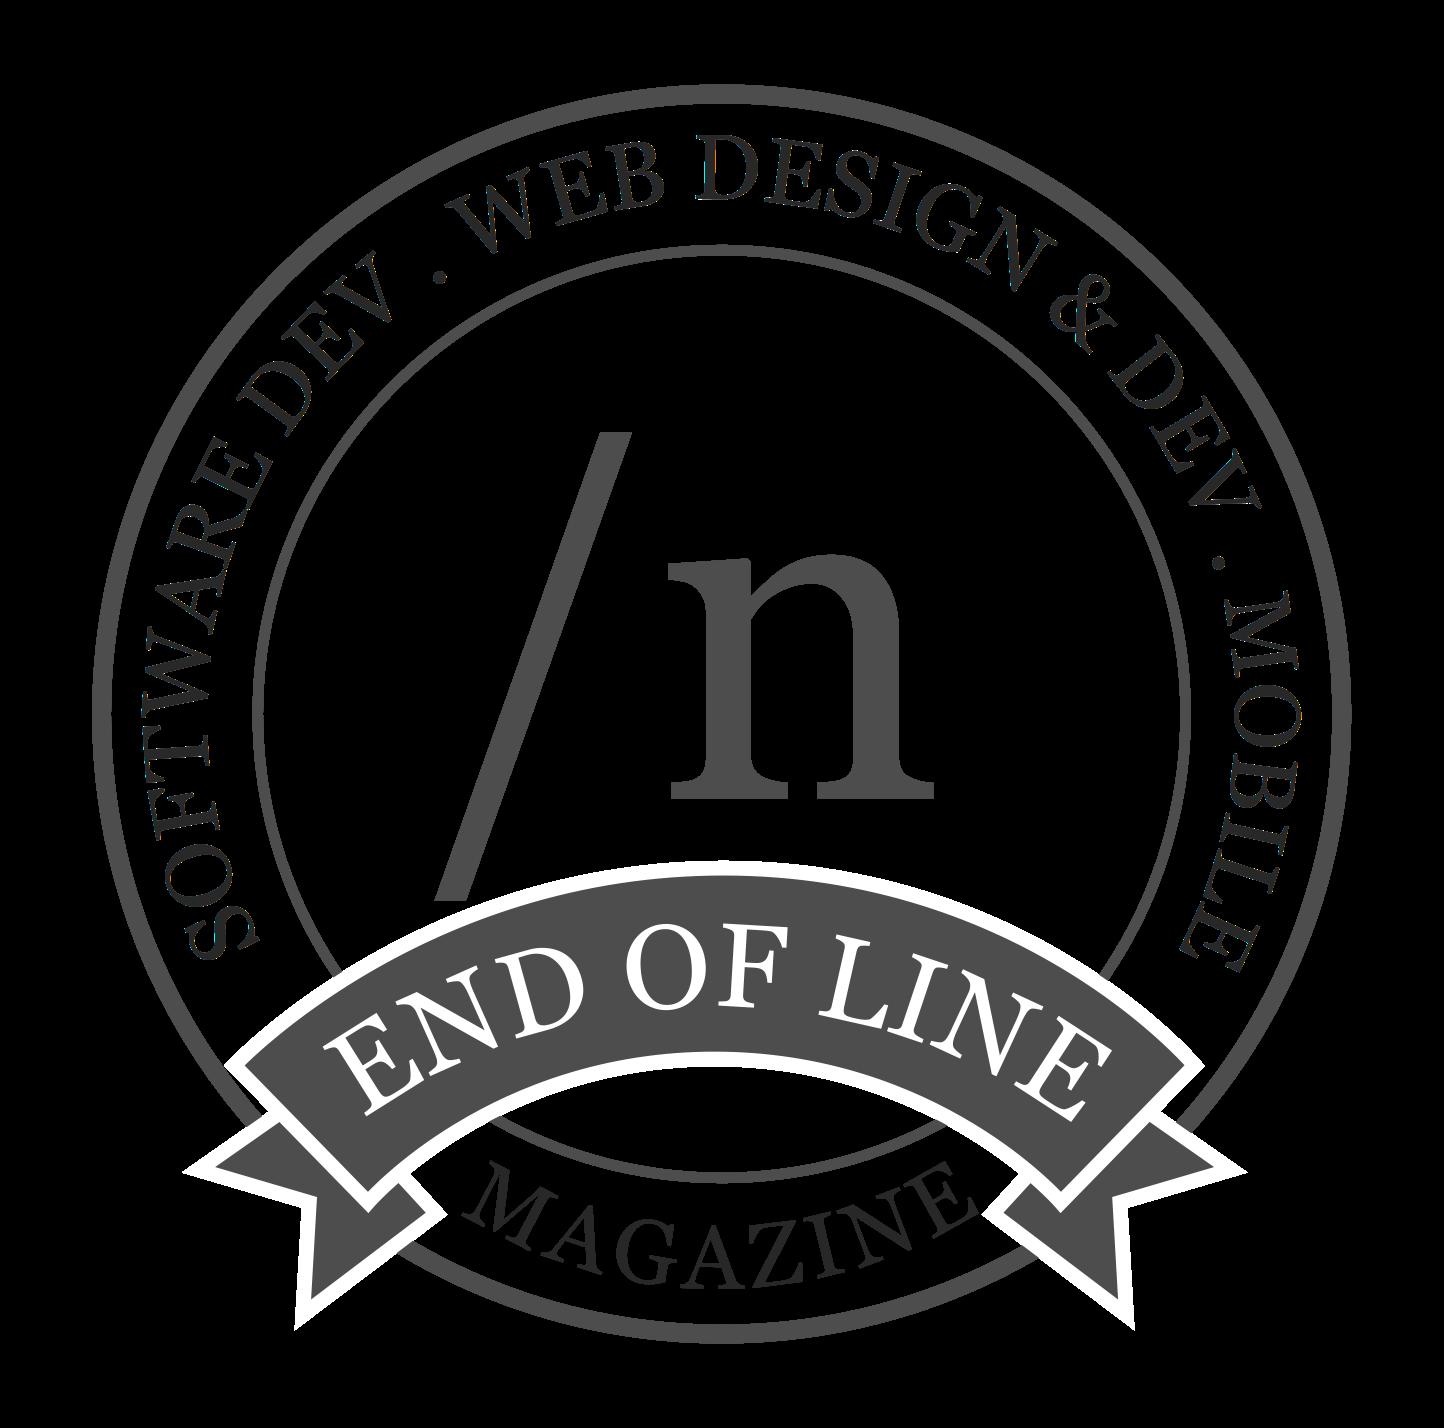 End of Line Magazine Gr